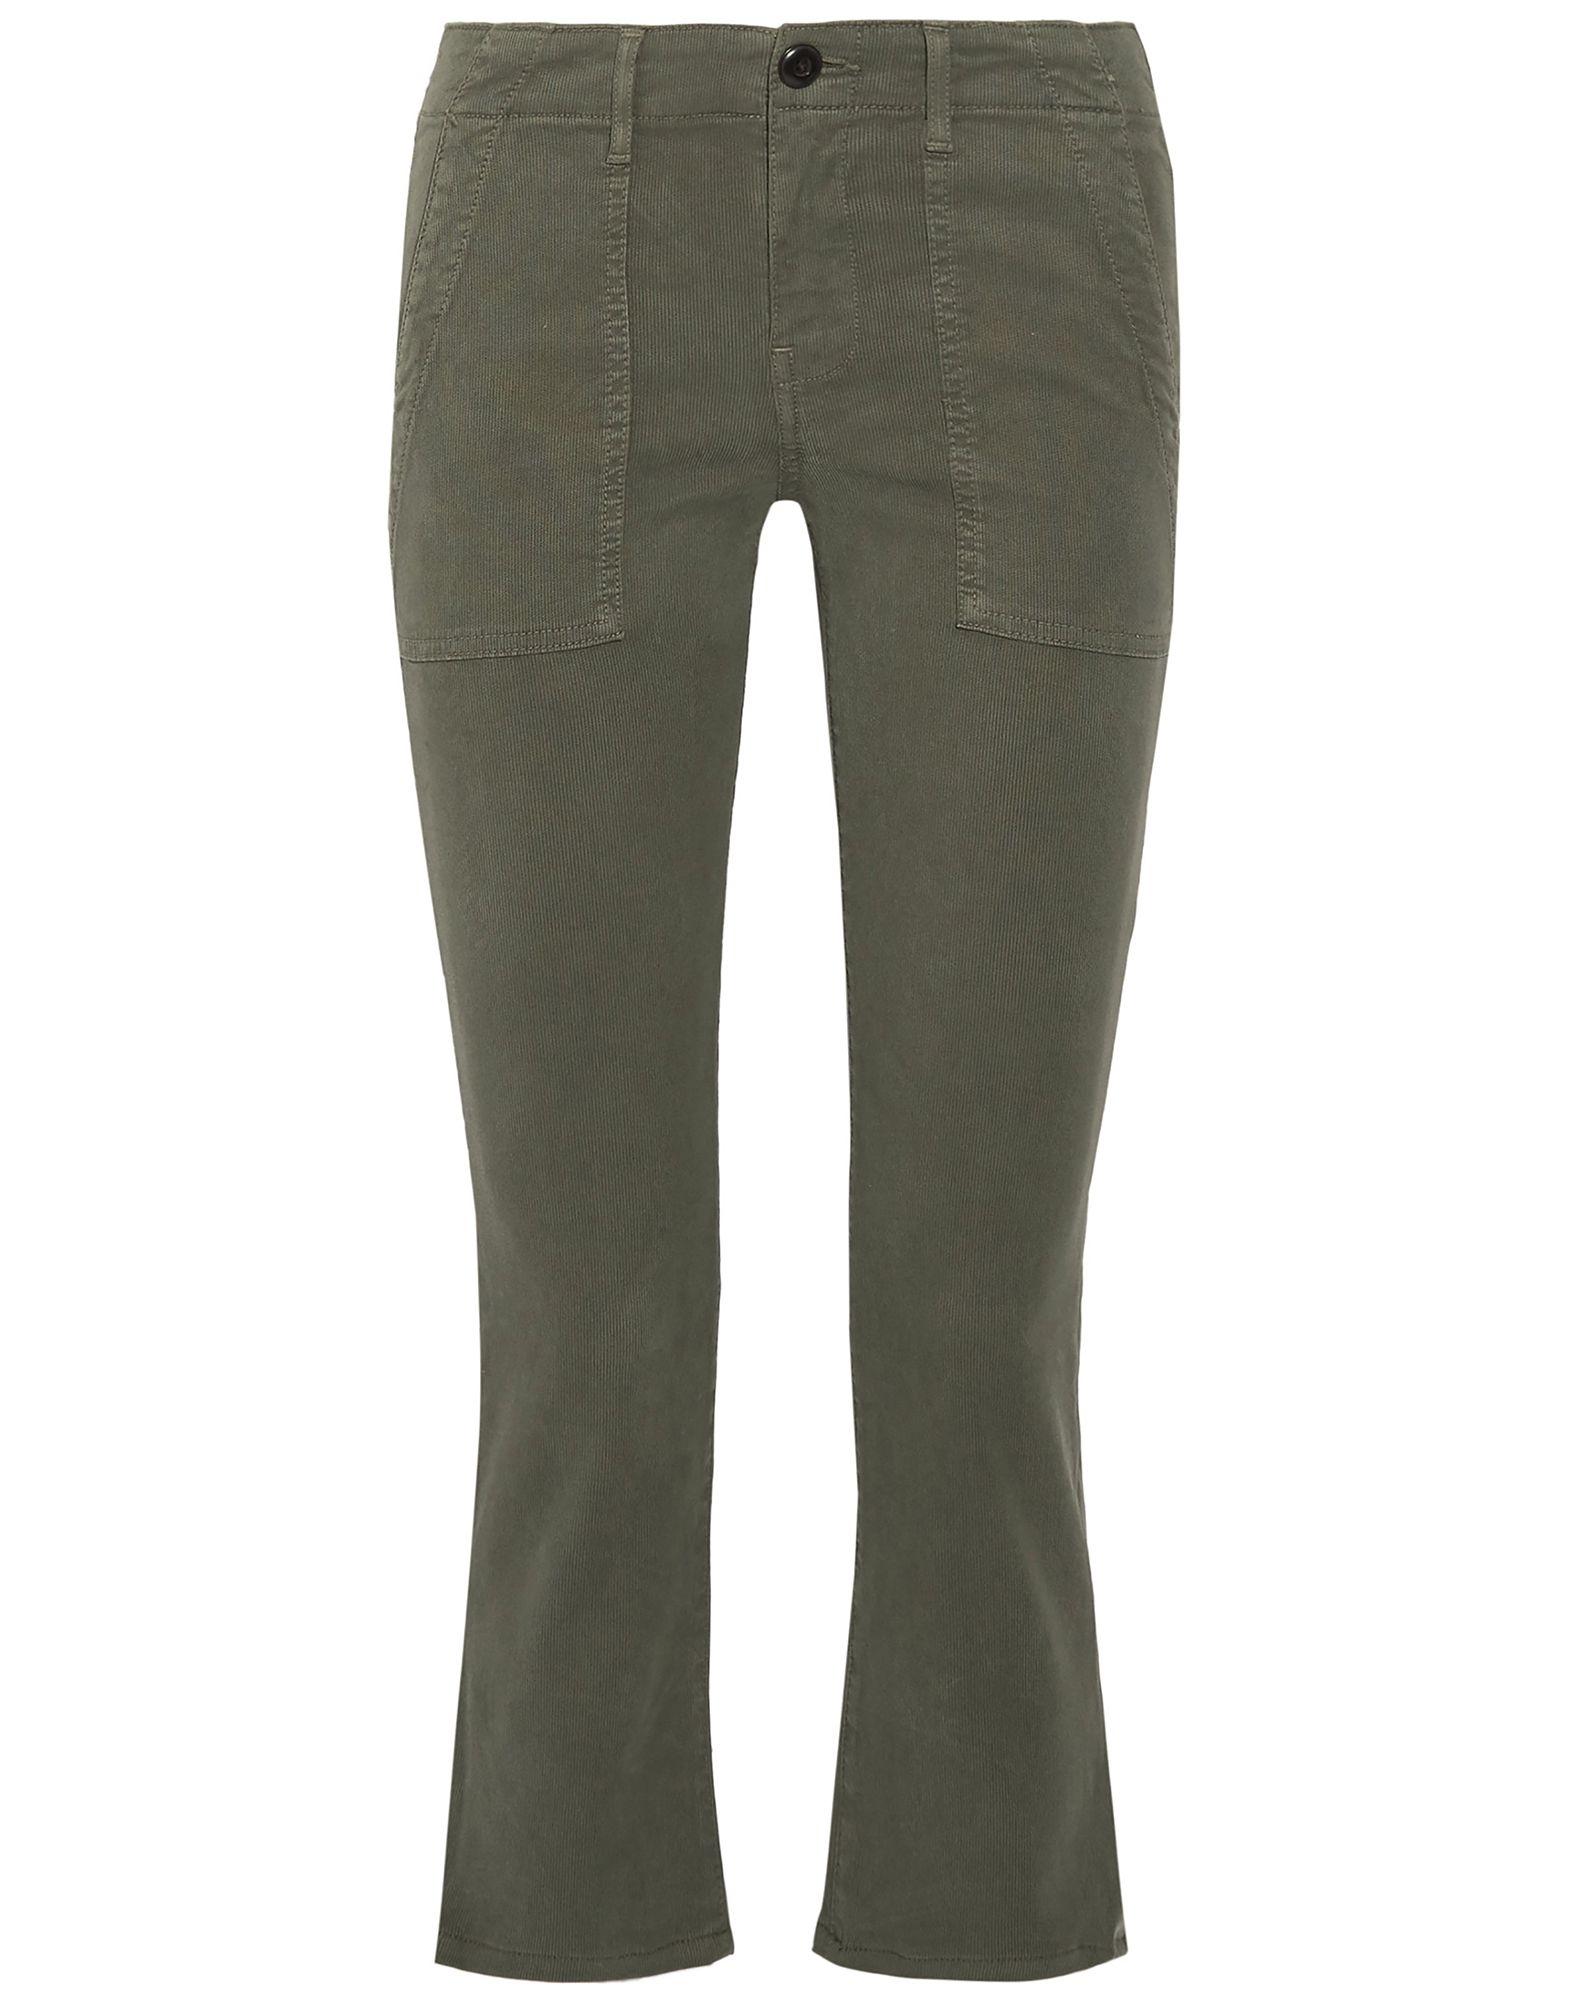 the great джинсовые брюки THE GREAT. Укороченные брюки